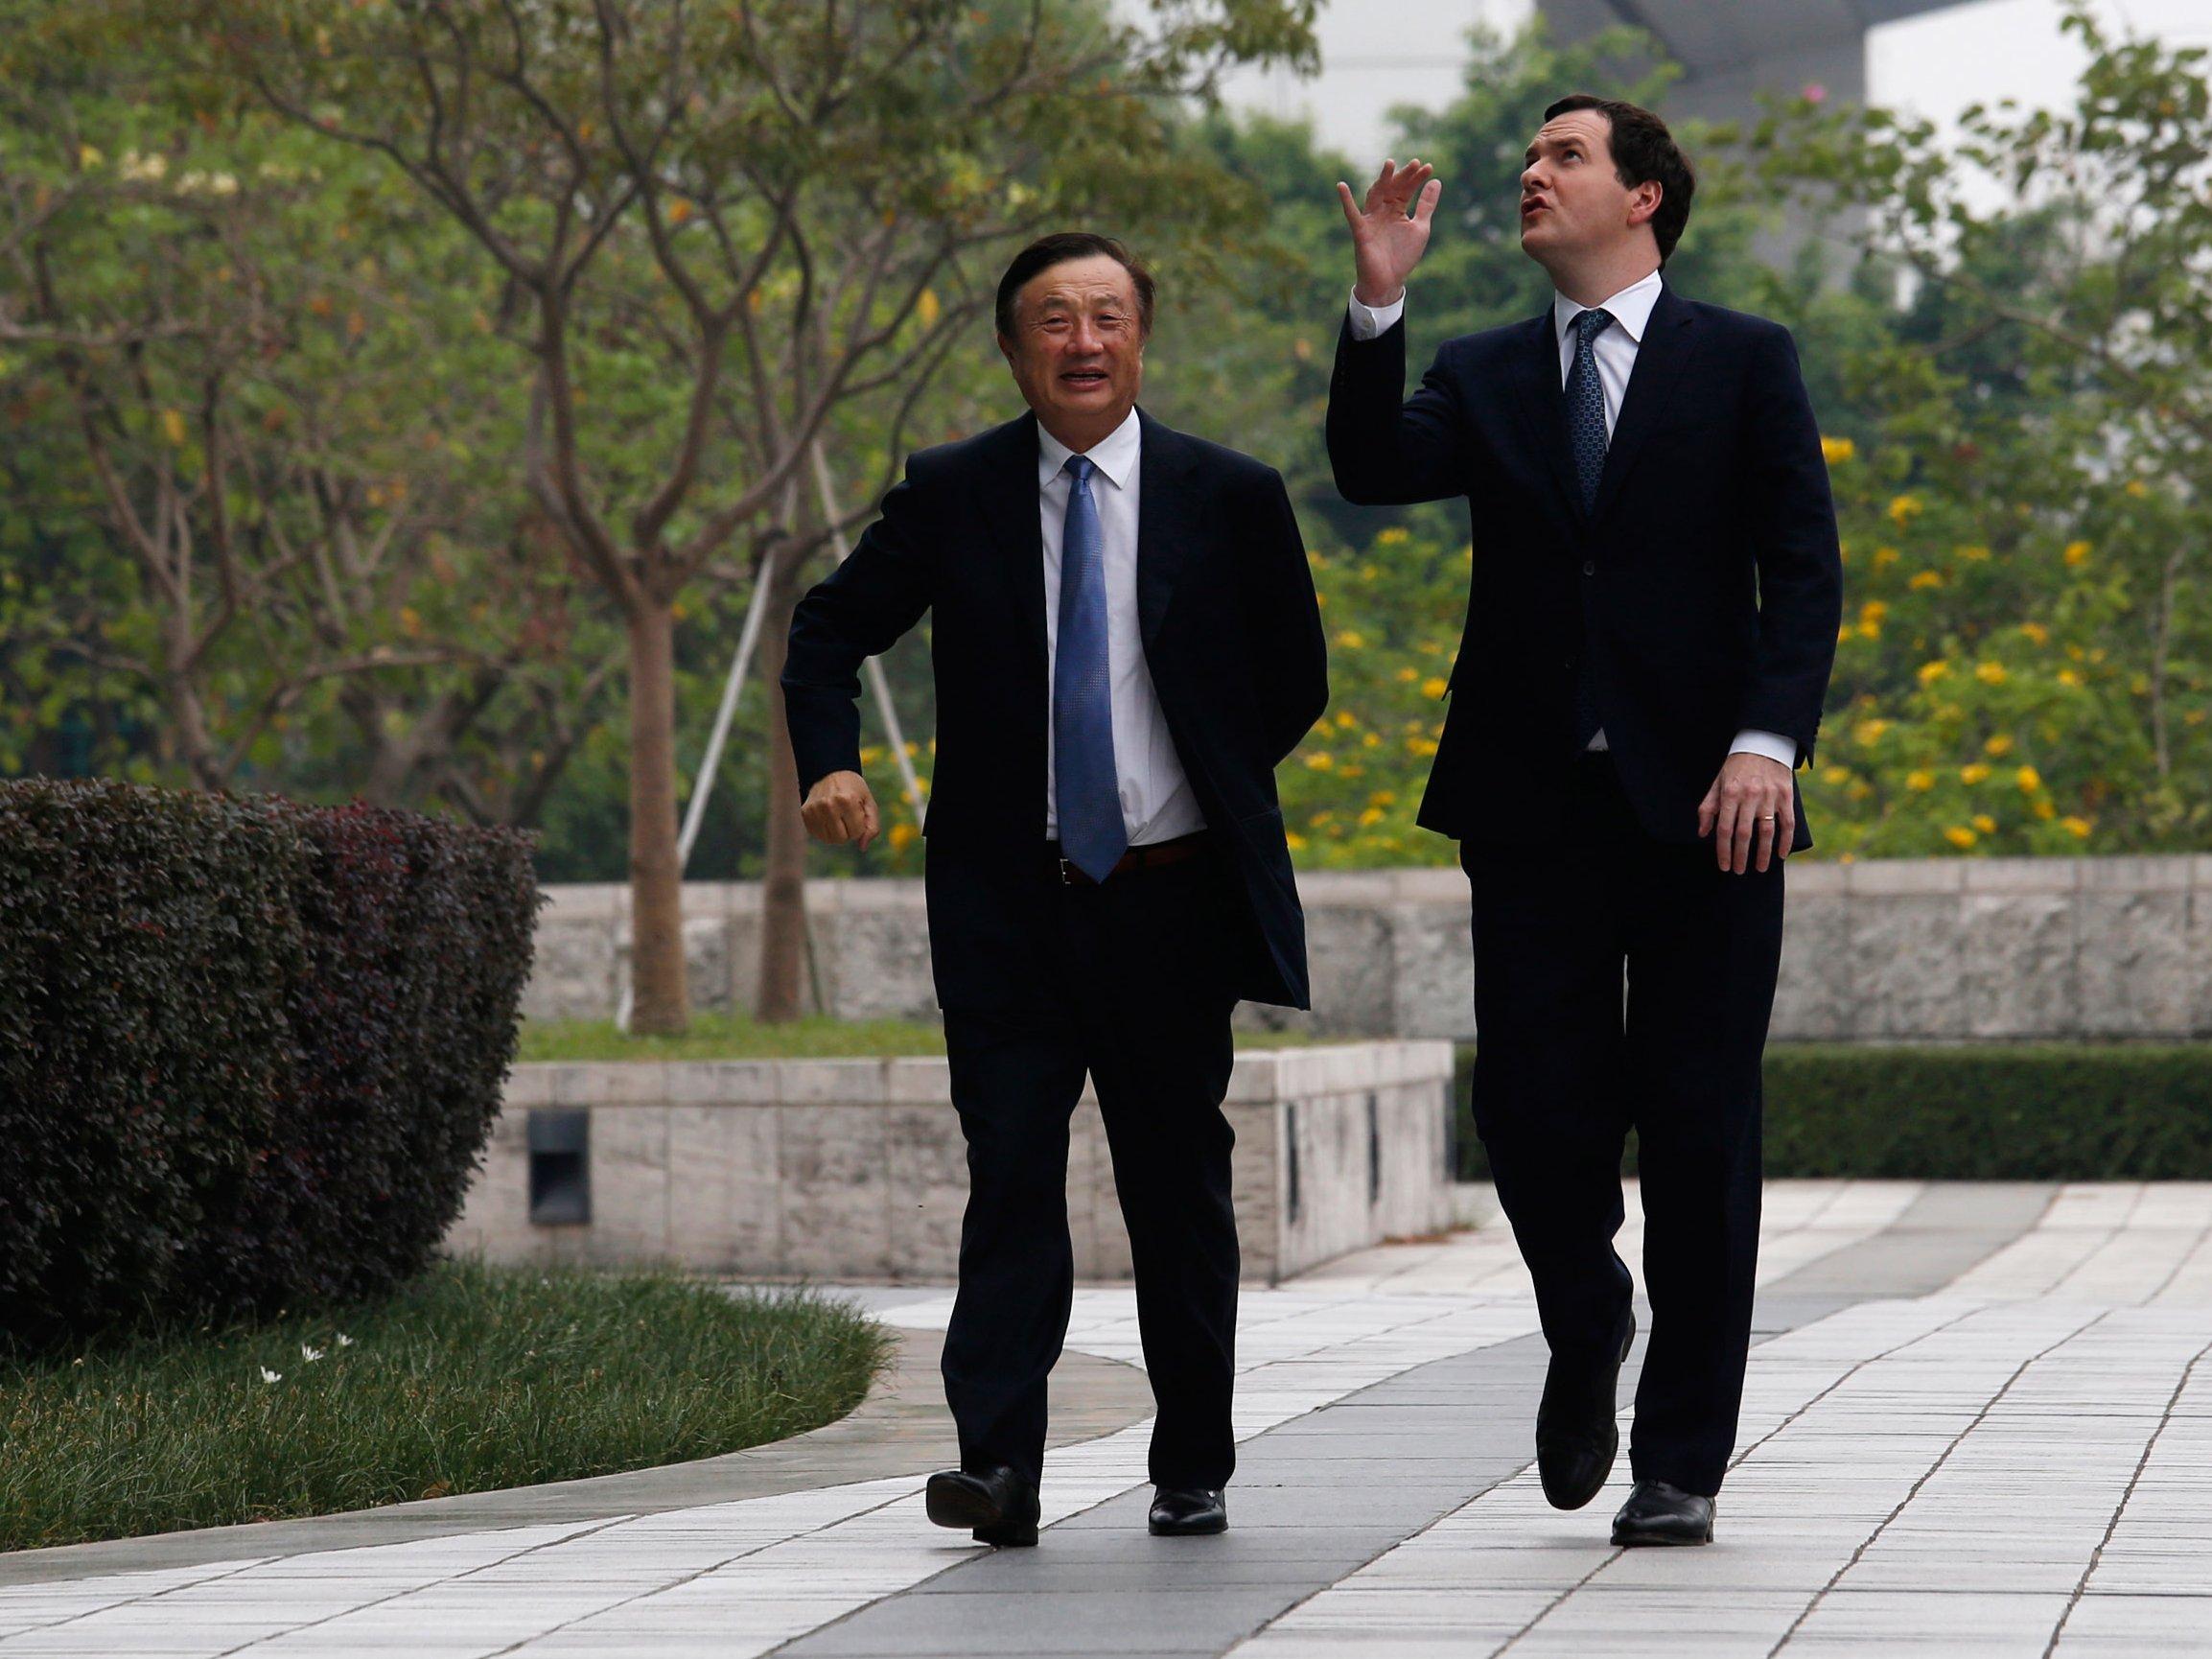 شرکت چینی هواوی به دلیل کاهش سوددهی در بخش موبایل و از دست دادن فروش بازار کشور چین دچار کاهش حاشیه سود شده است که احتمال میرود دست به تعدیل نیرو بزند.